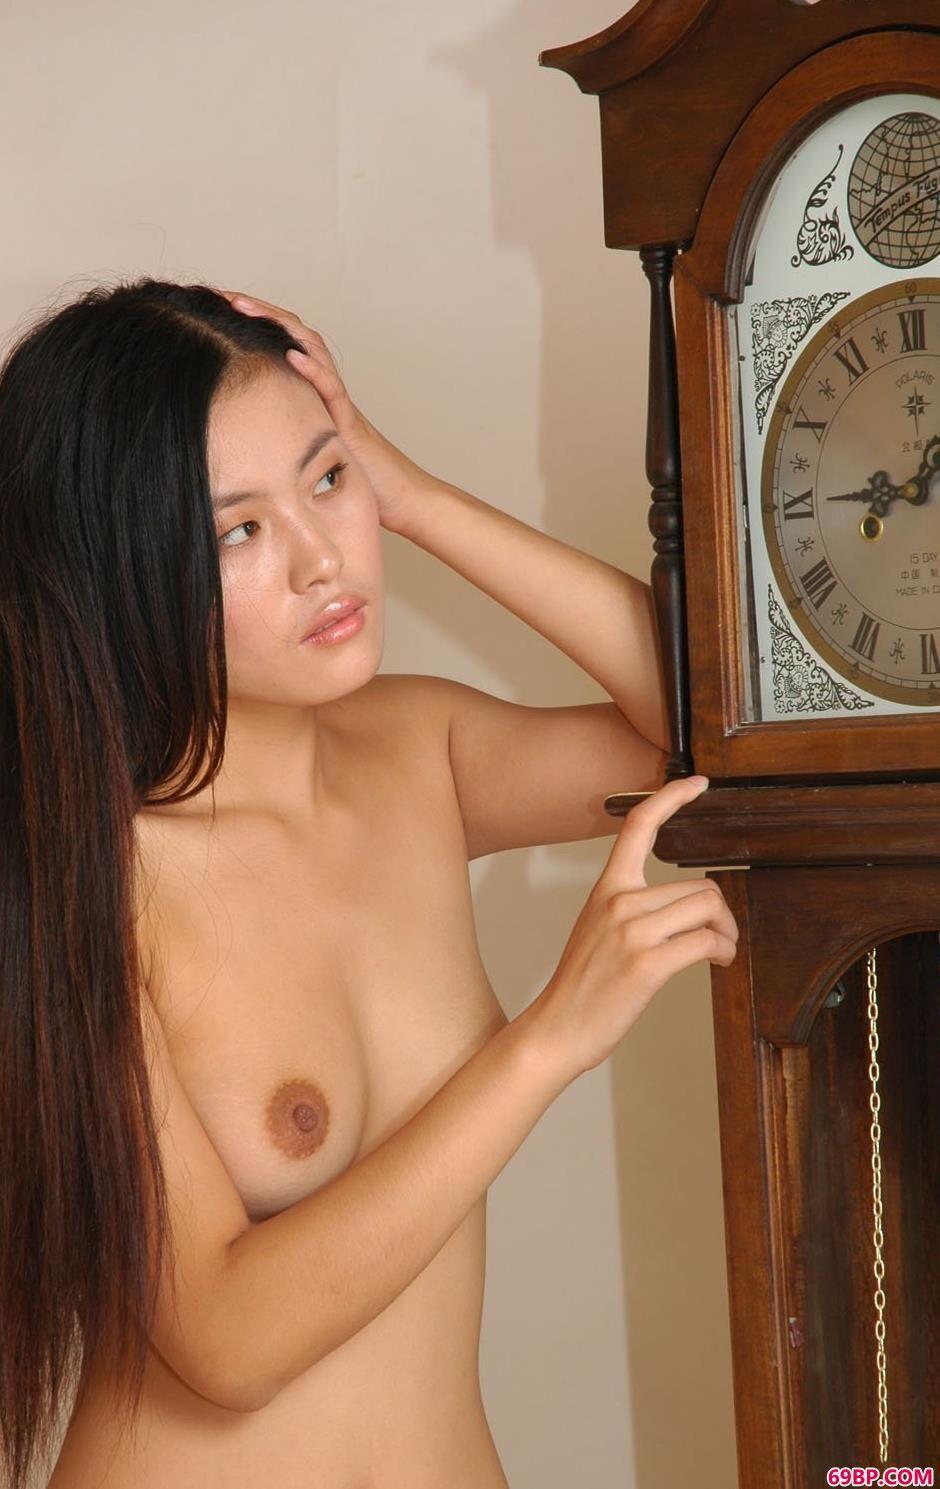 超模杜莲古典大钟前的美体_爱液多流出来了20p